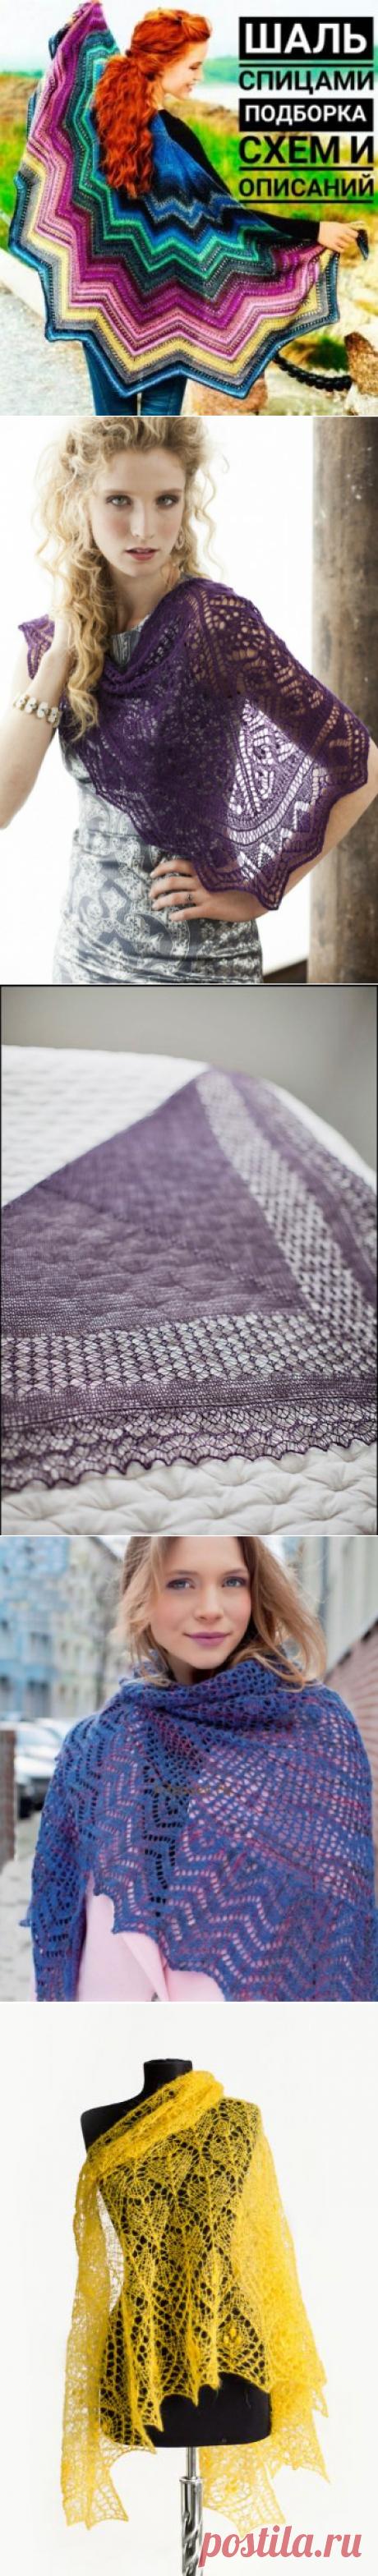 Шаль спицами, 60 схем вязания шалей с описанием и видео-уроками, Вязание для женщин